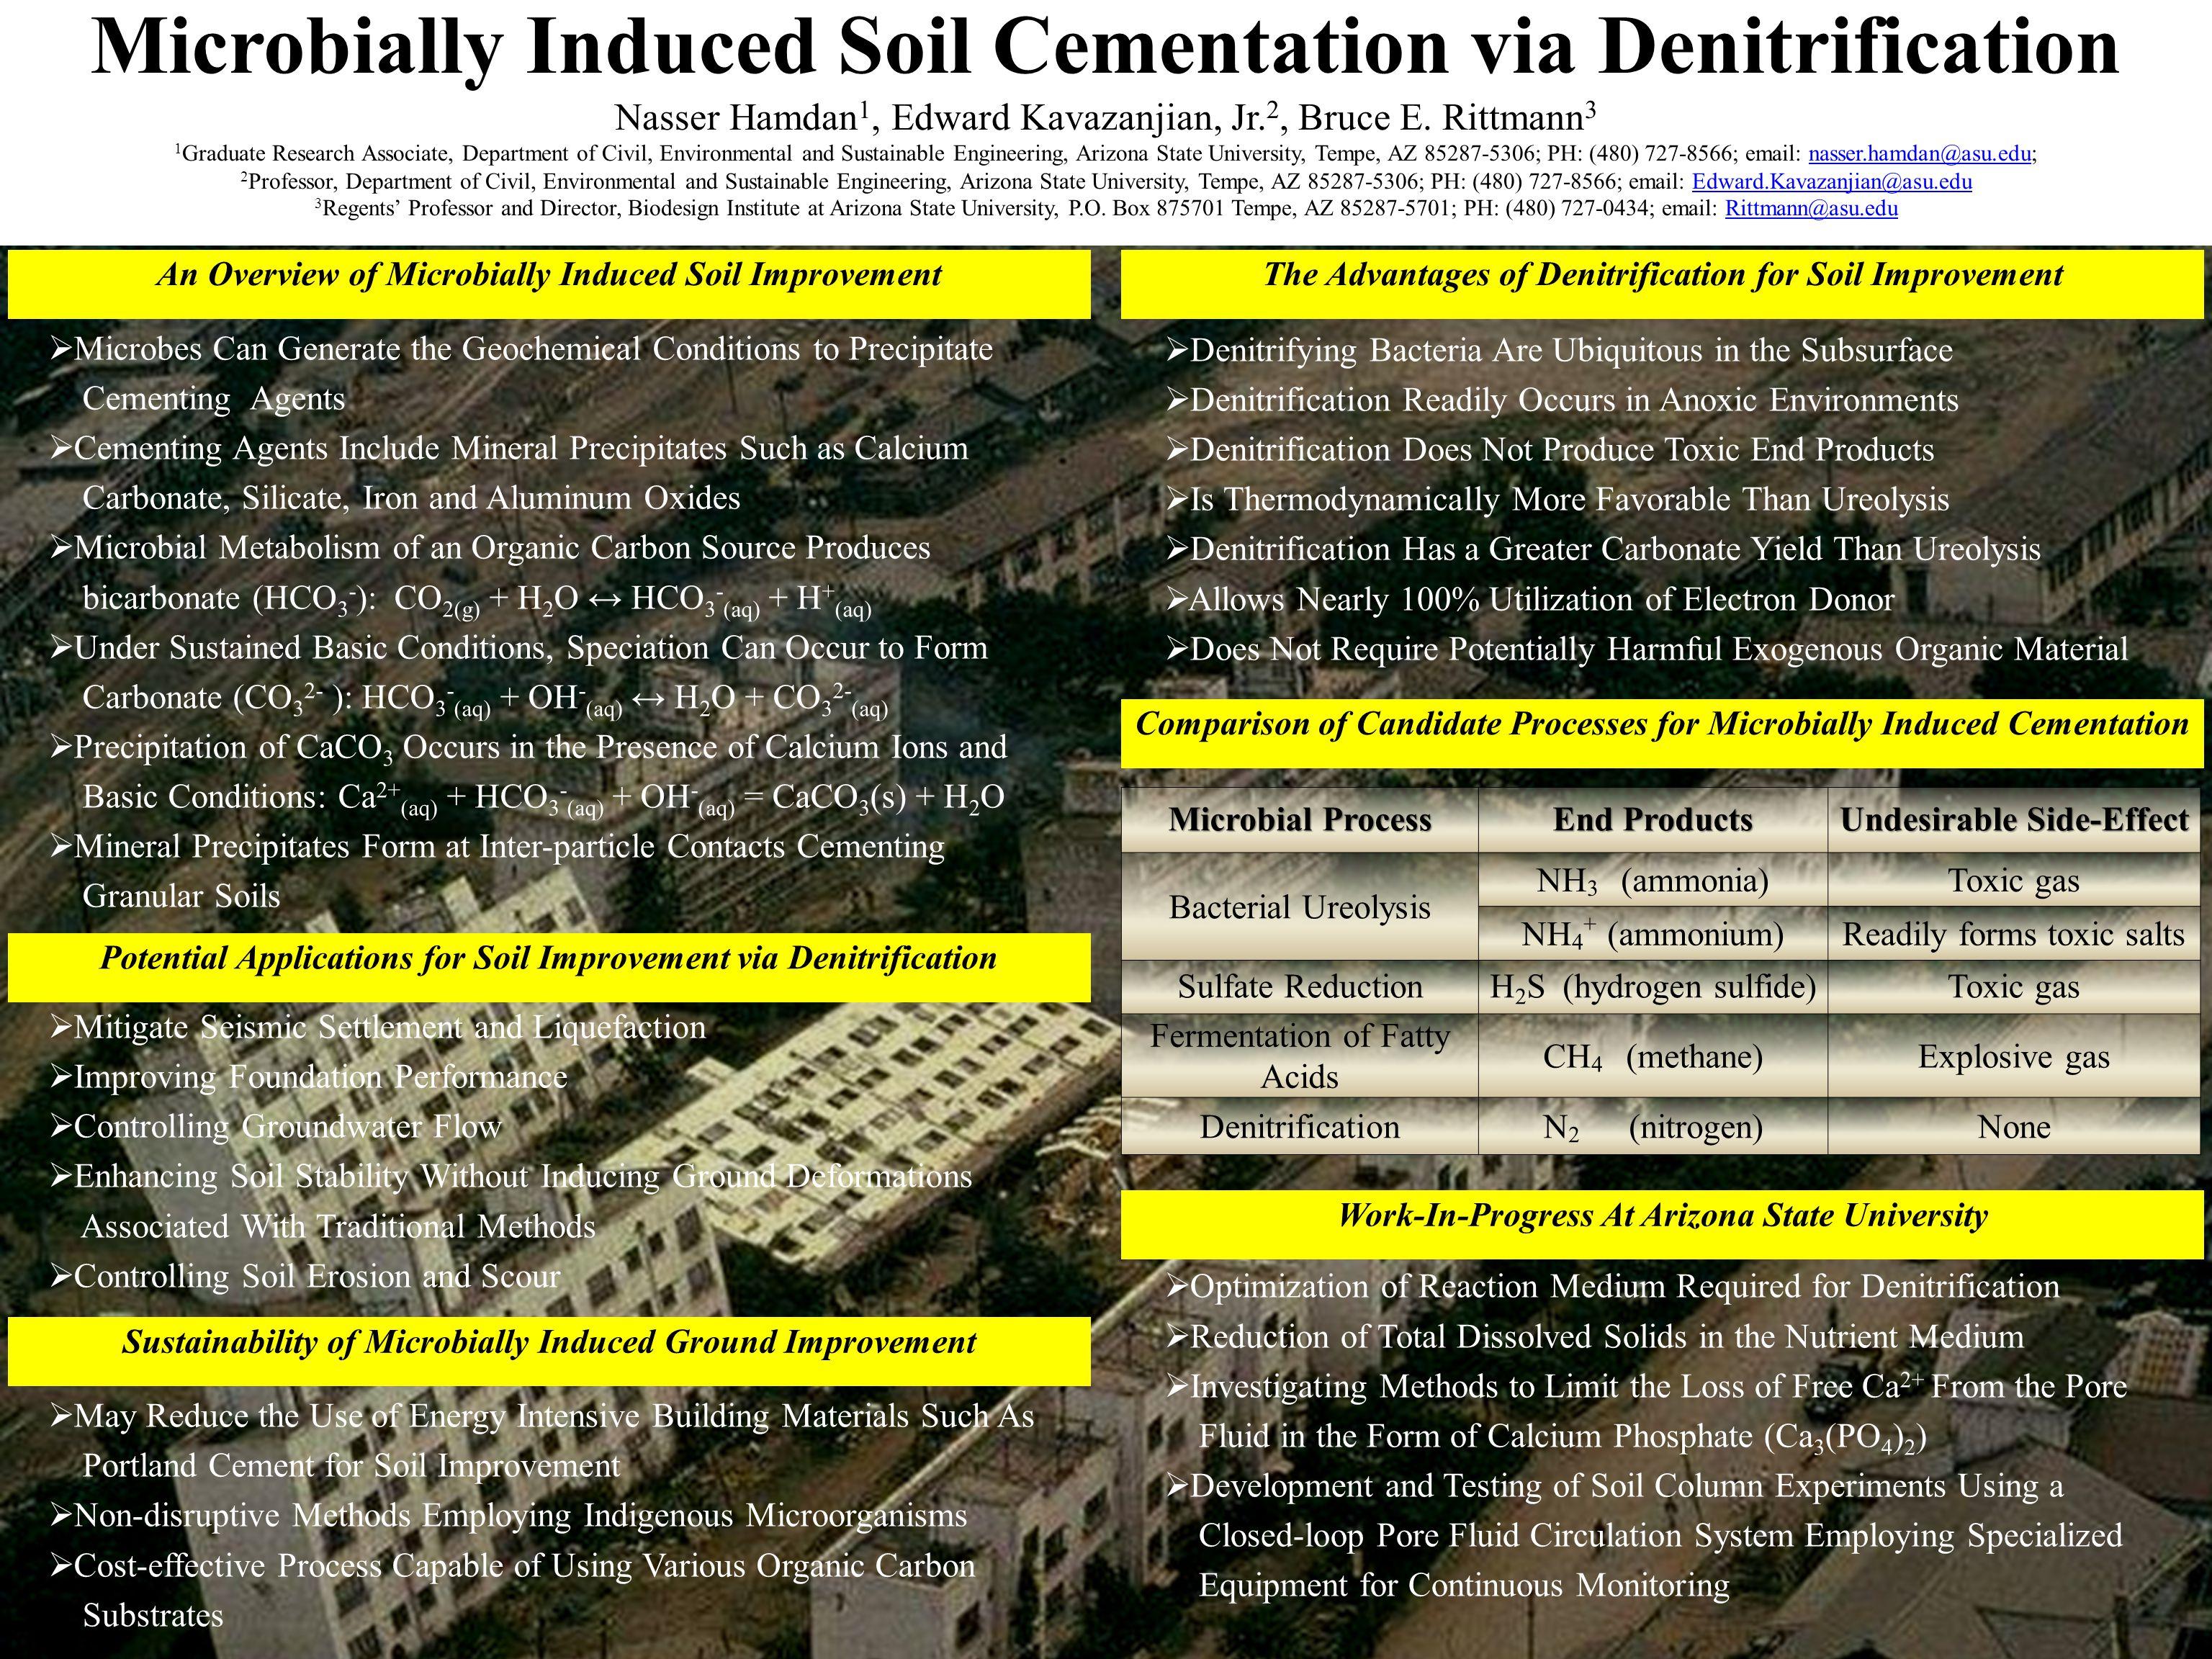 Microbially Induced Soil Cementation via Denitrification Nasser Hamdan 1, Edward Kavazanjian, Jr.